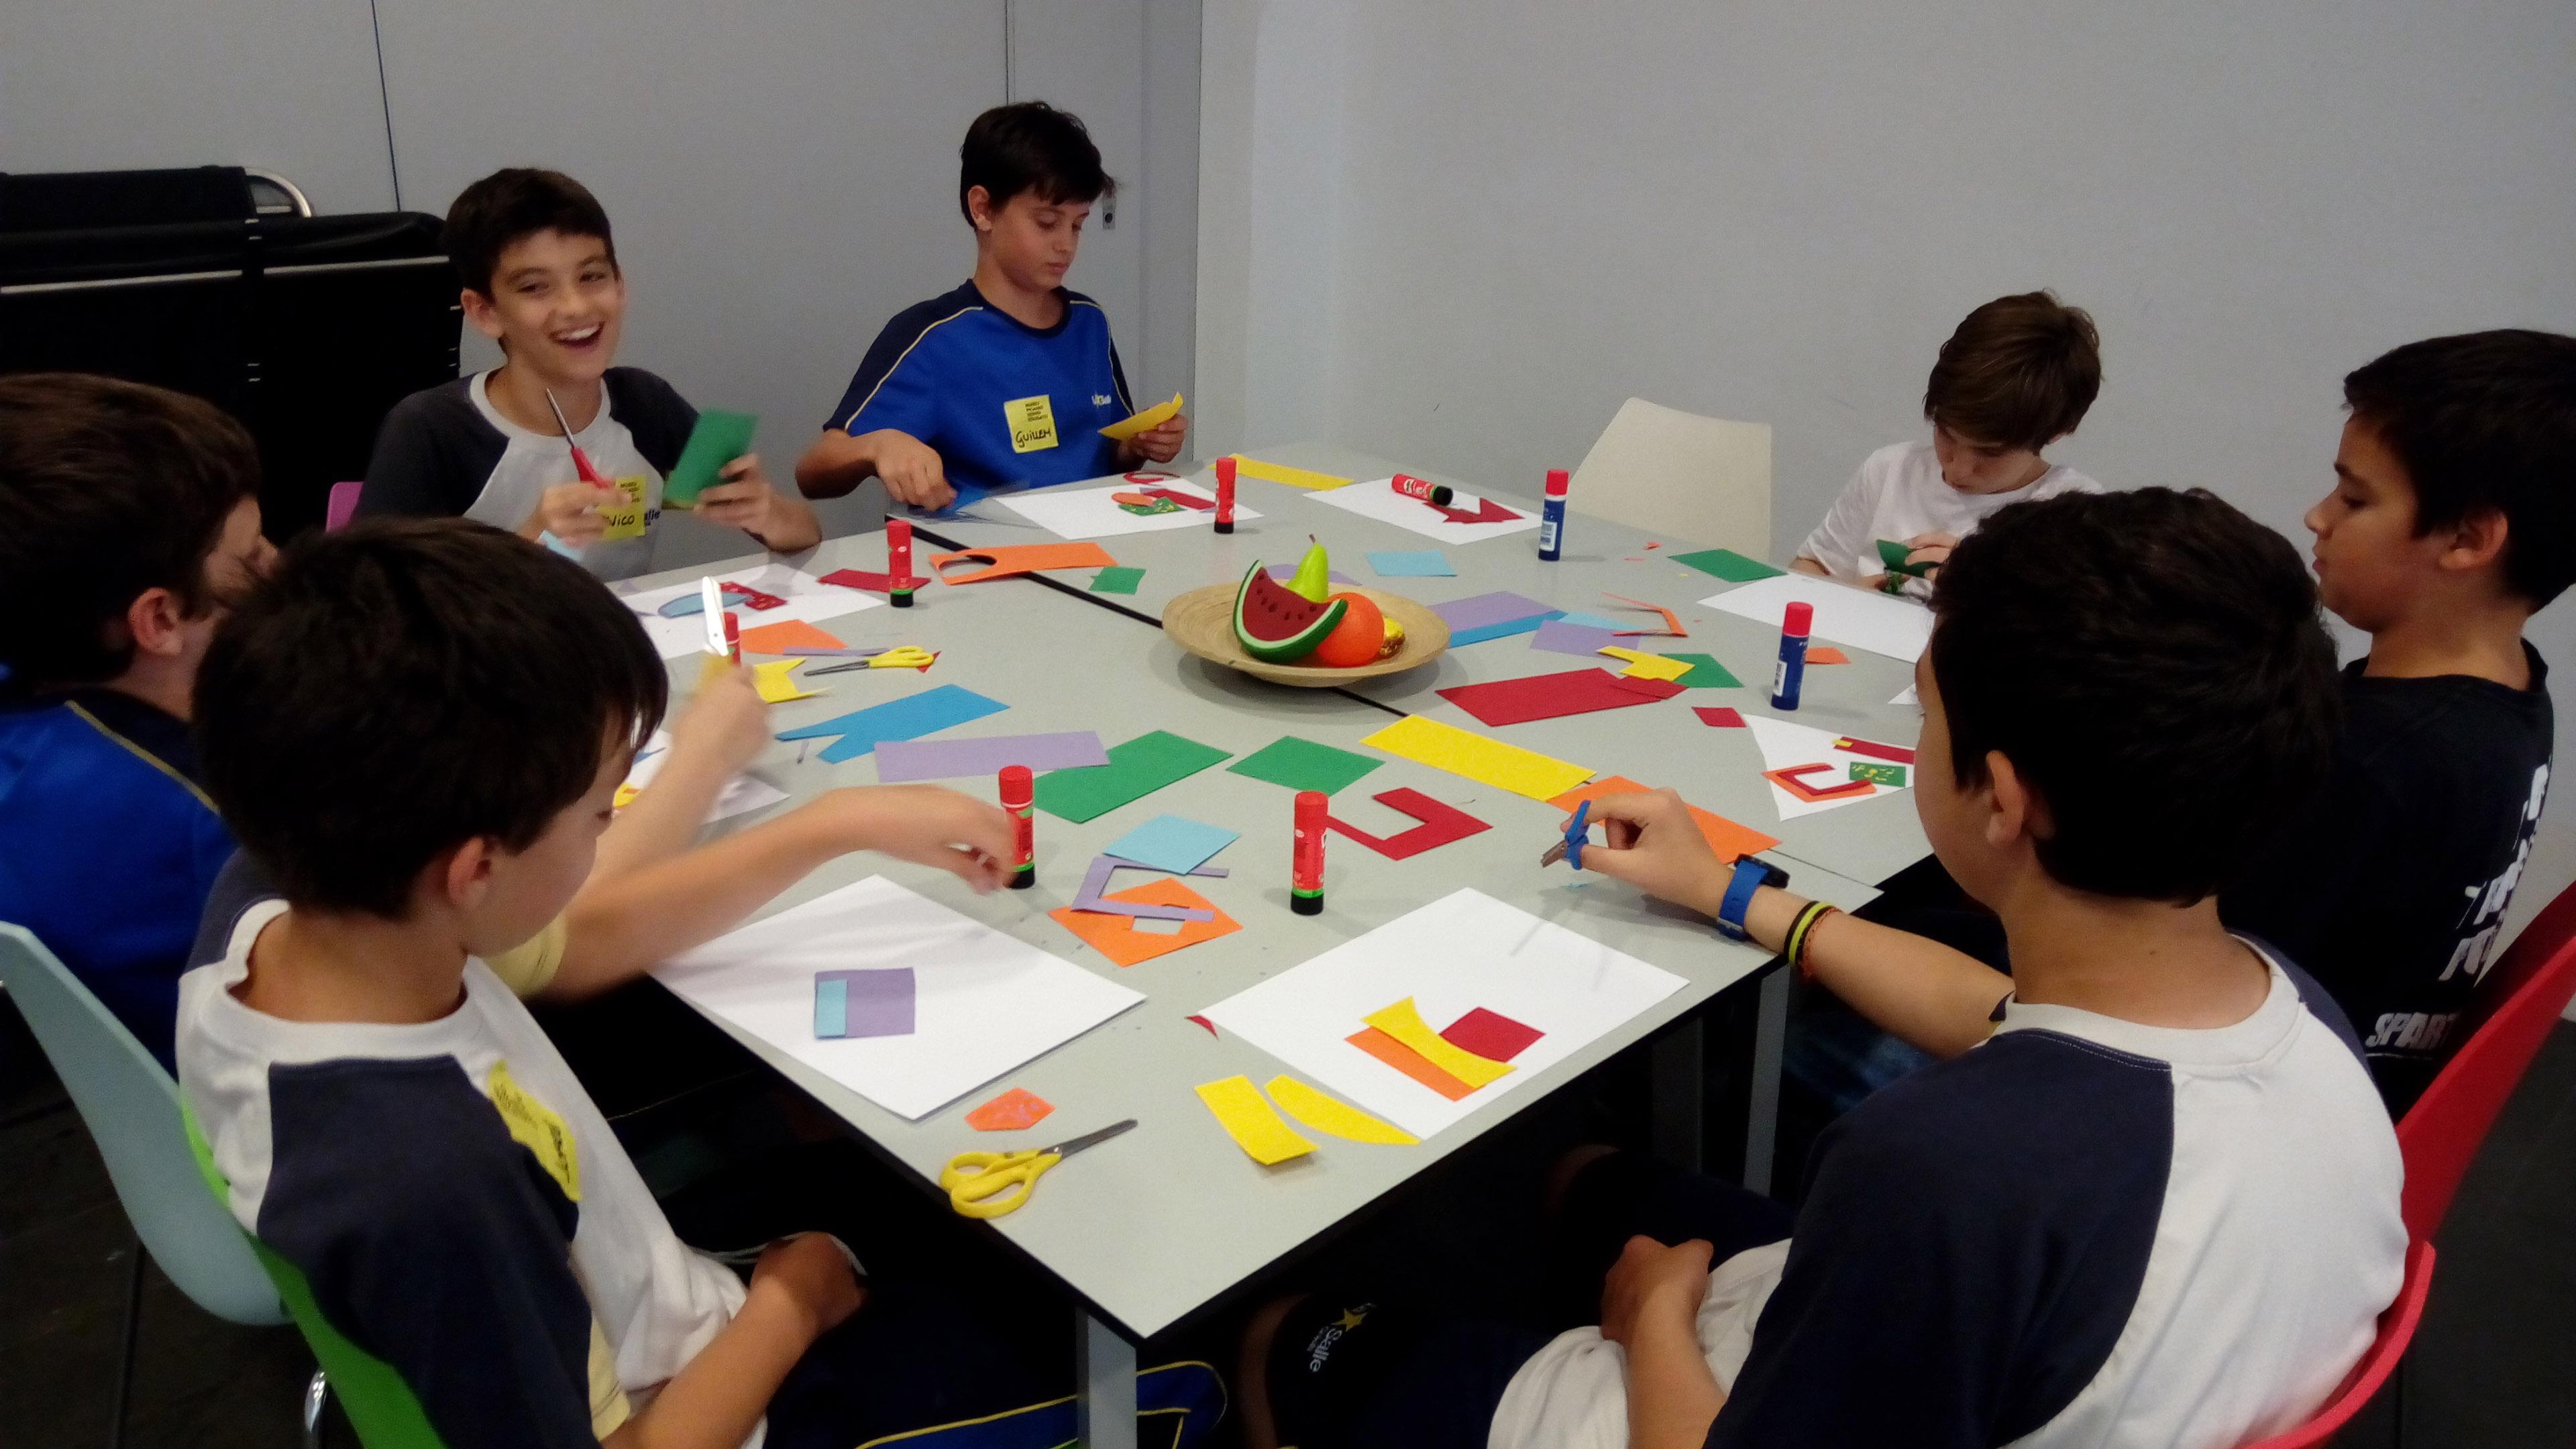 Els alumnes de 6è de Primària fan d'artistes al Museu Picasso de Barcelona